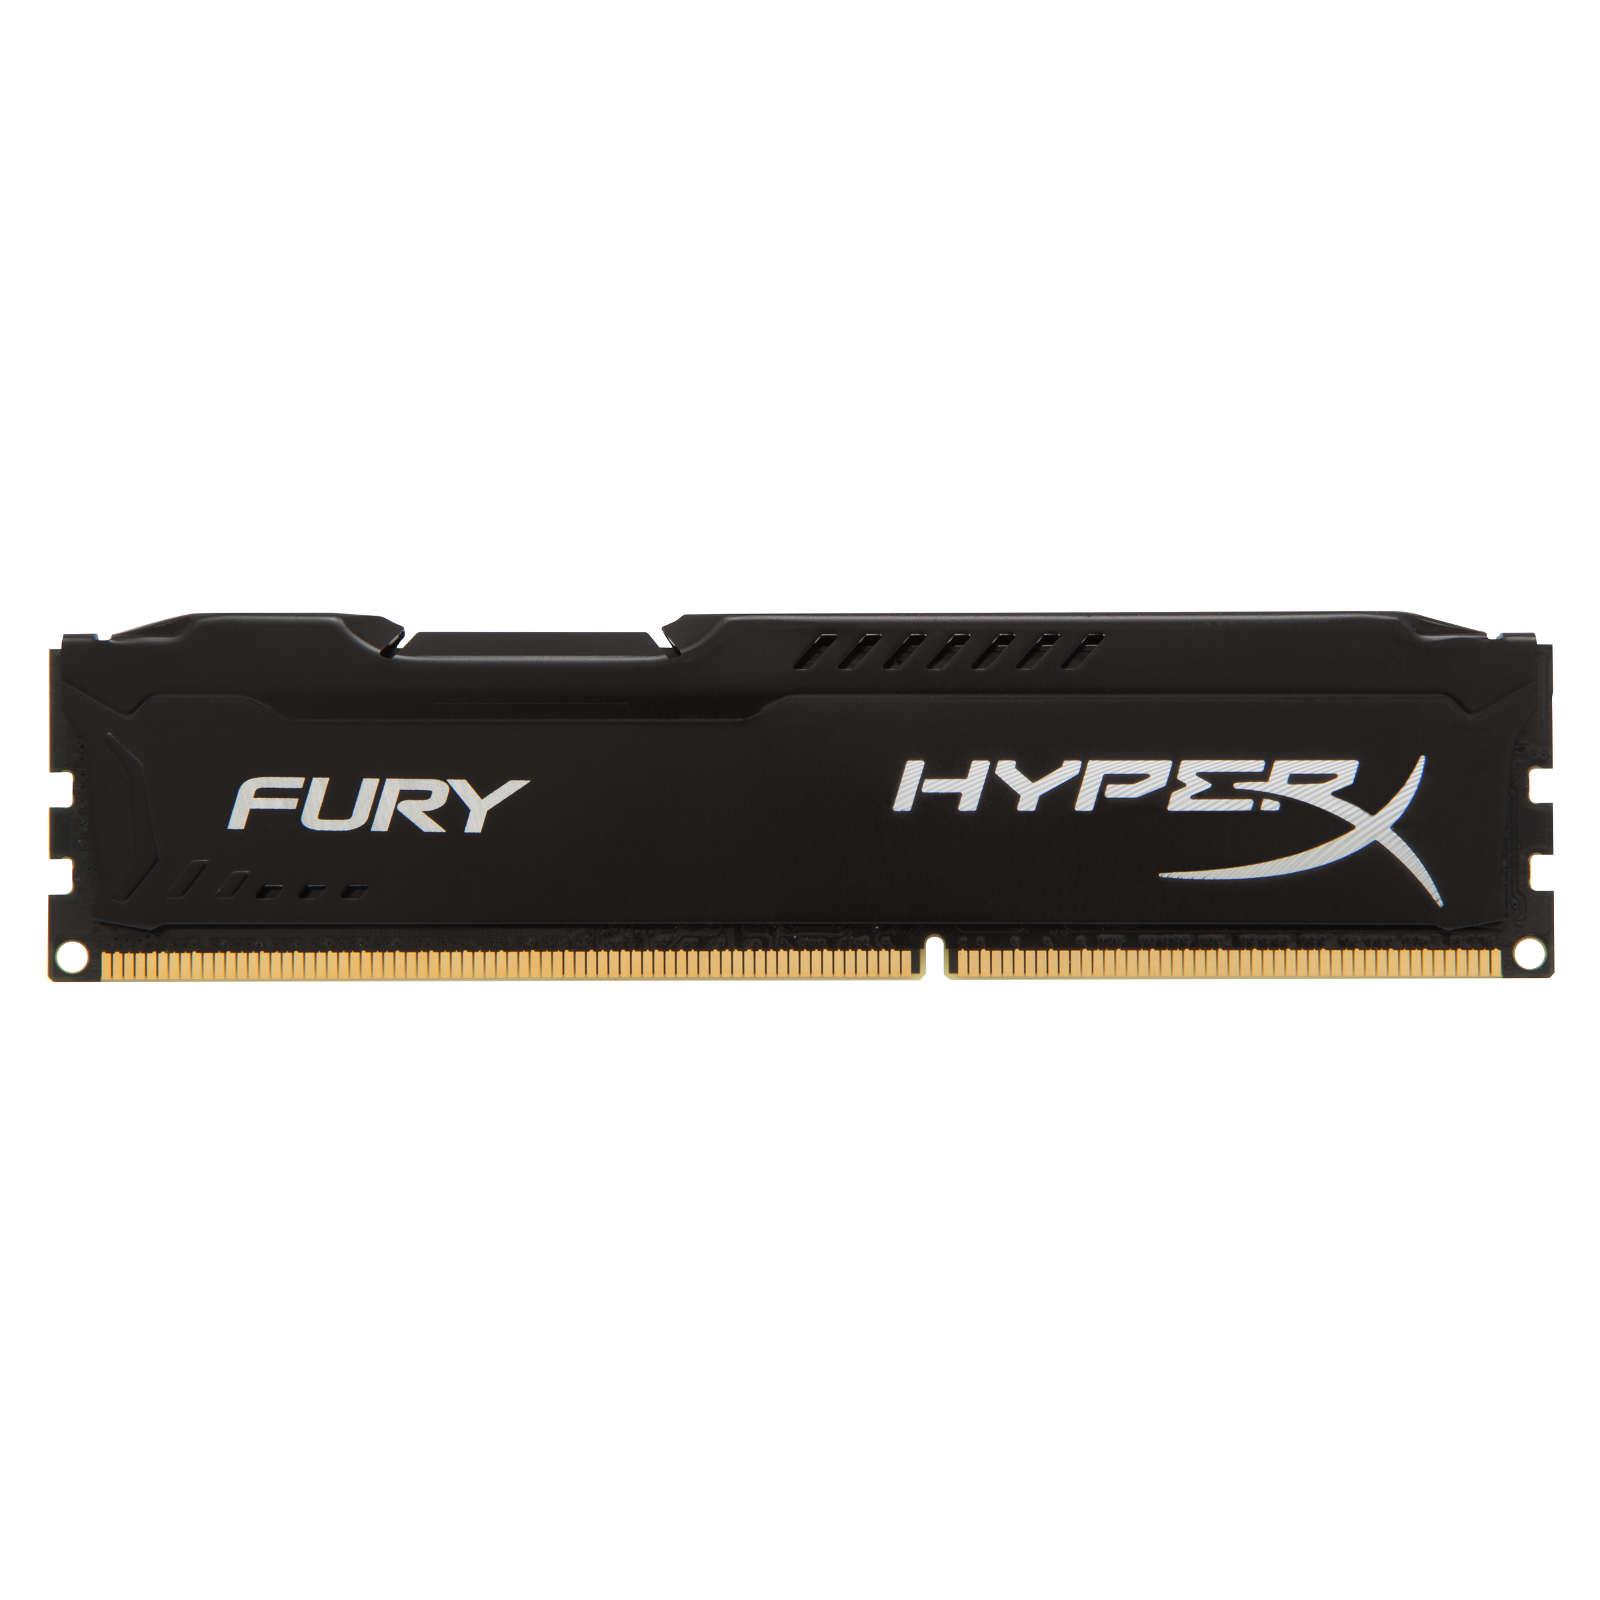 Mémoire PC HyperX Fury 8 Go DDR3 1600 MHz CL10 RAM DDR3 PC12800 - HX316C10FB/8 (garantie à vie par Kingston)